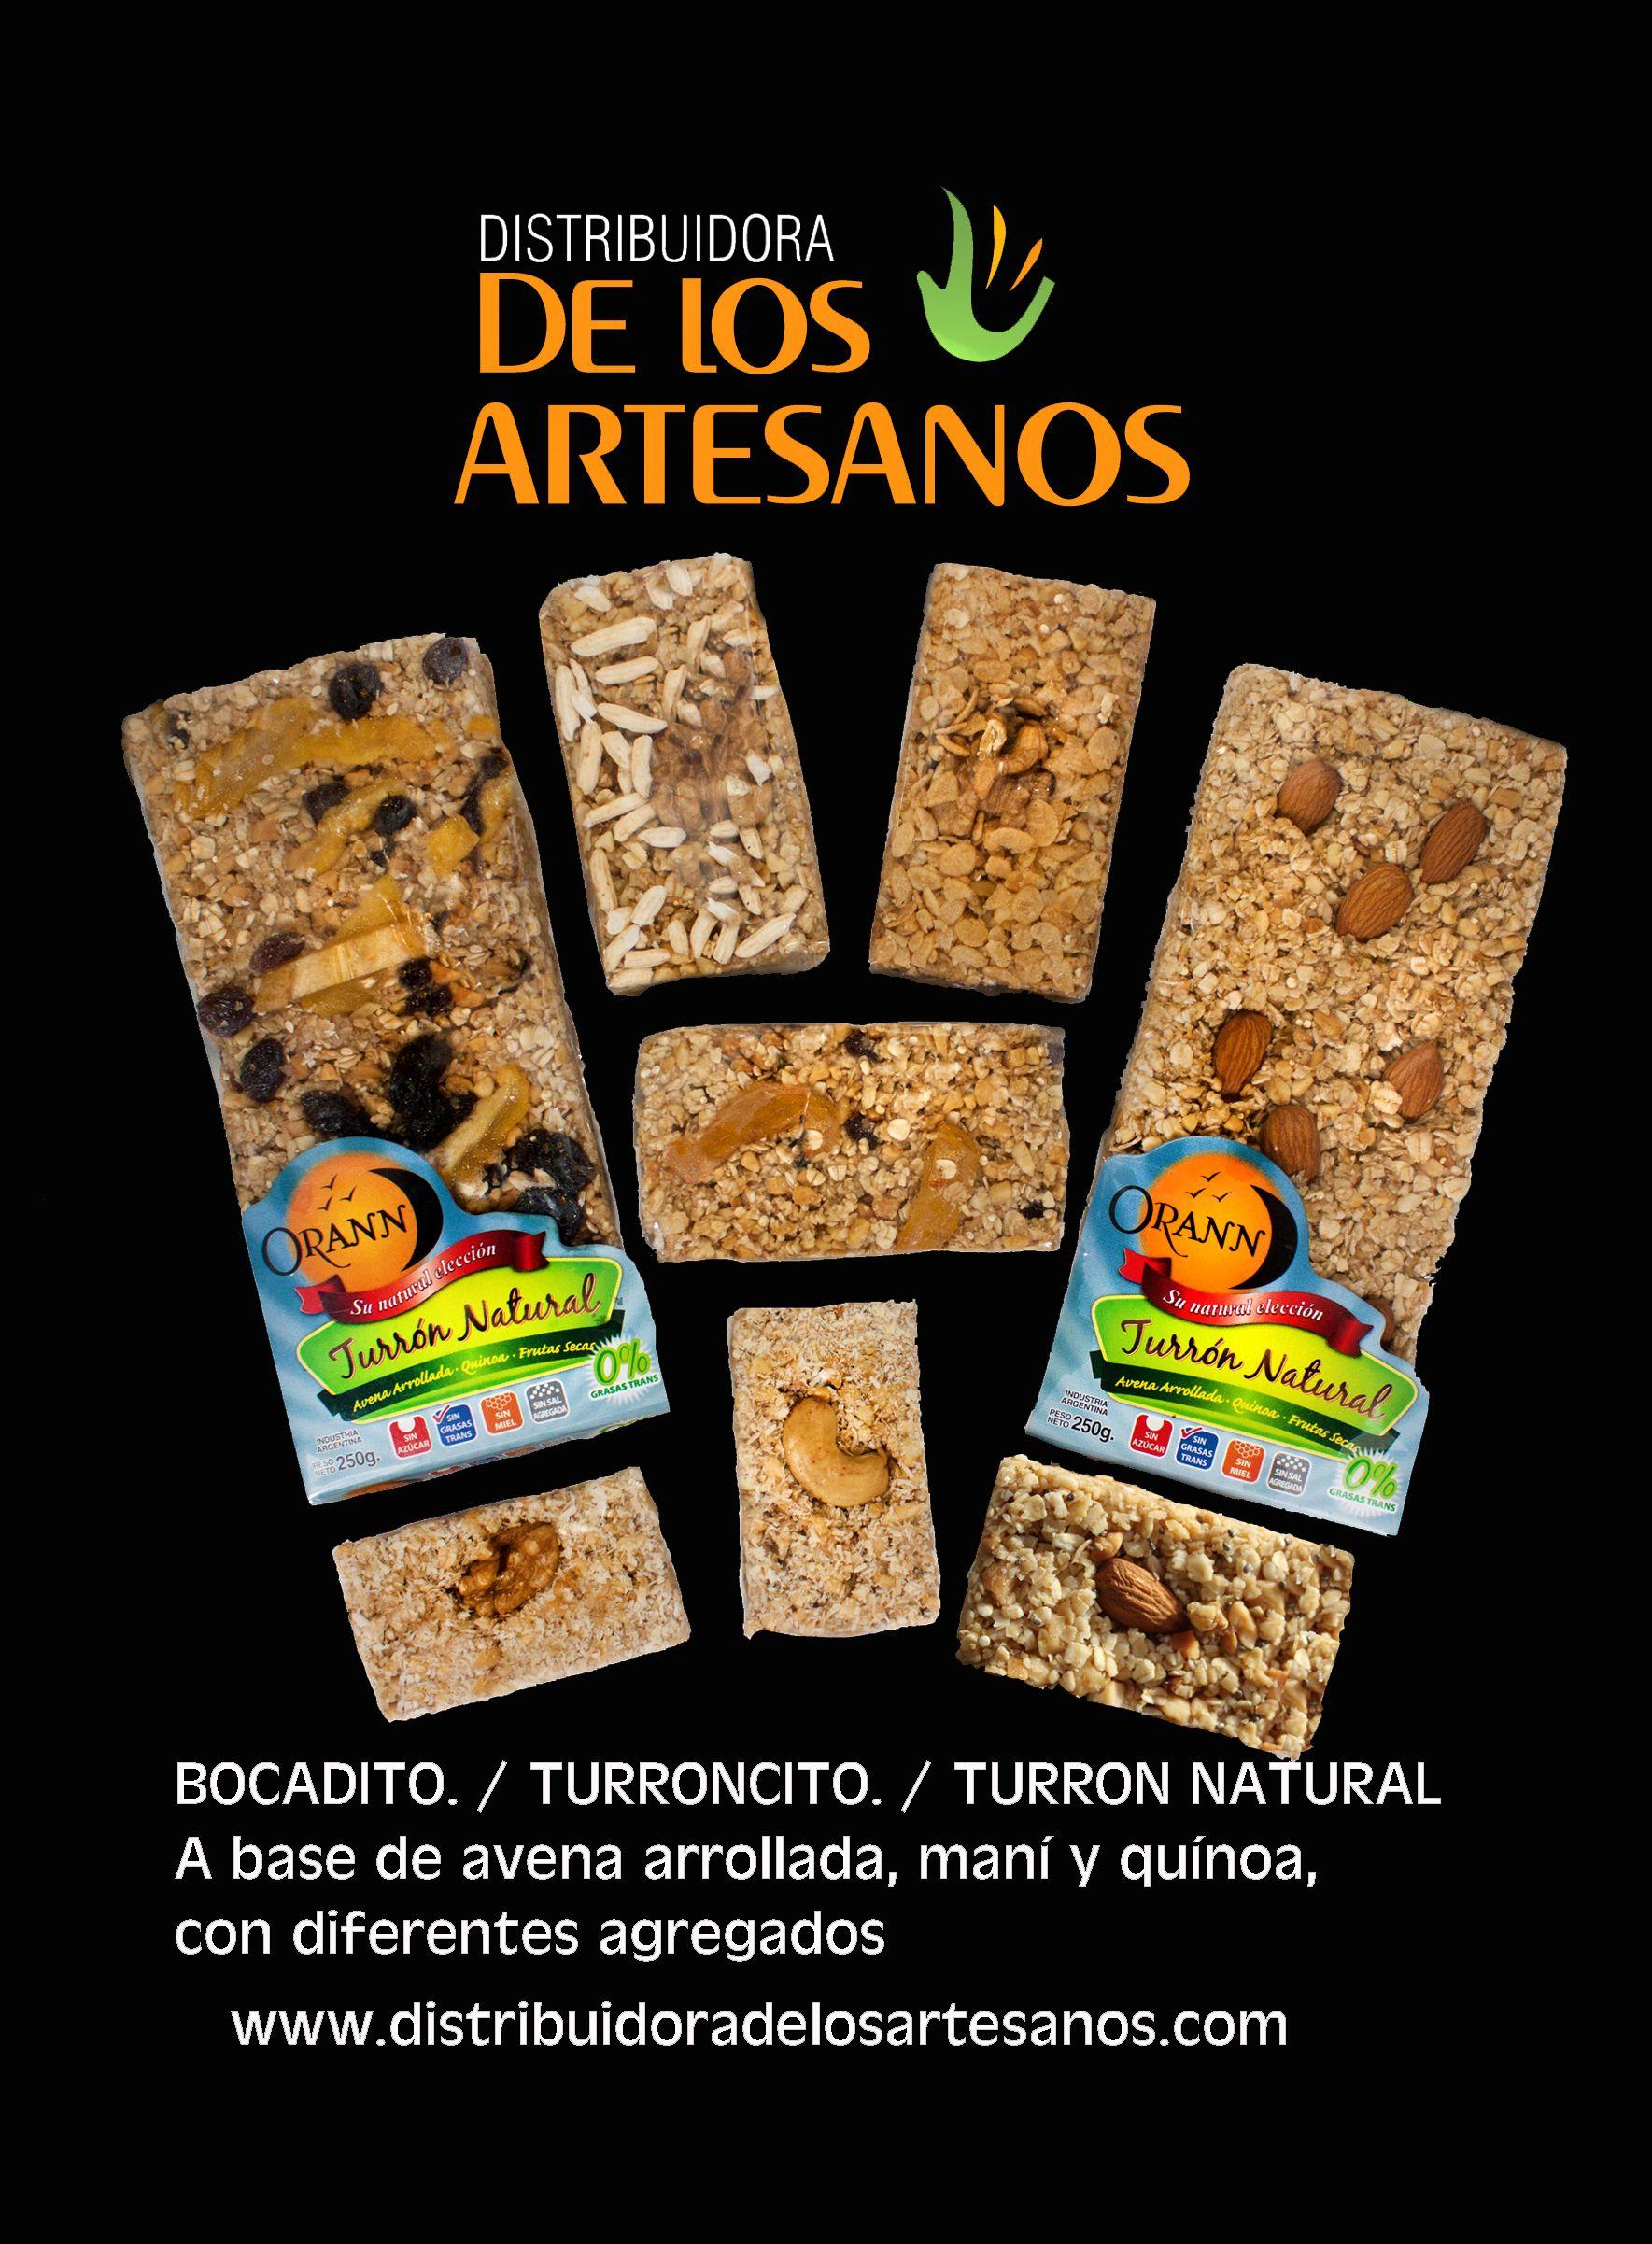 Bocadito Turroncito Turron Natural Orann Ventas Al Por Mayor Distribuidora De Los Artesanos Bocados Tienda Saludable Alimentos Saludables